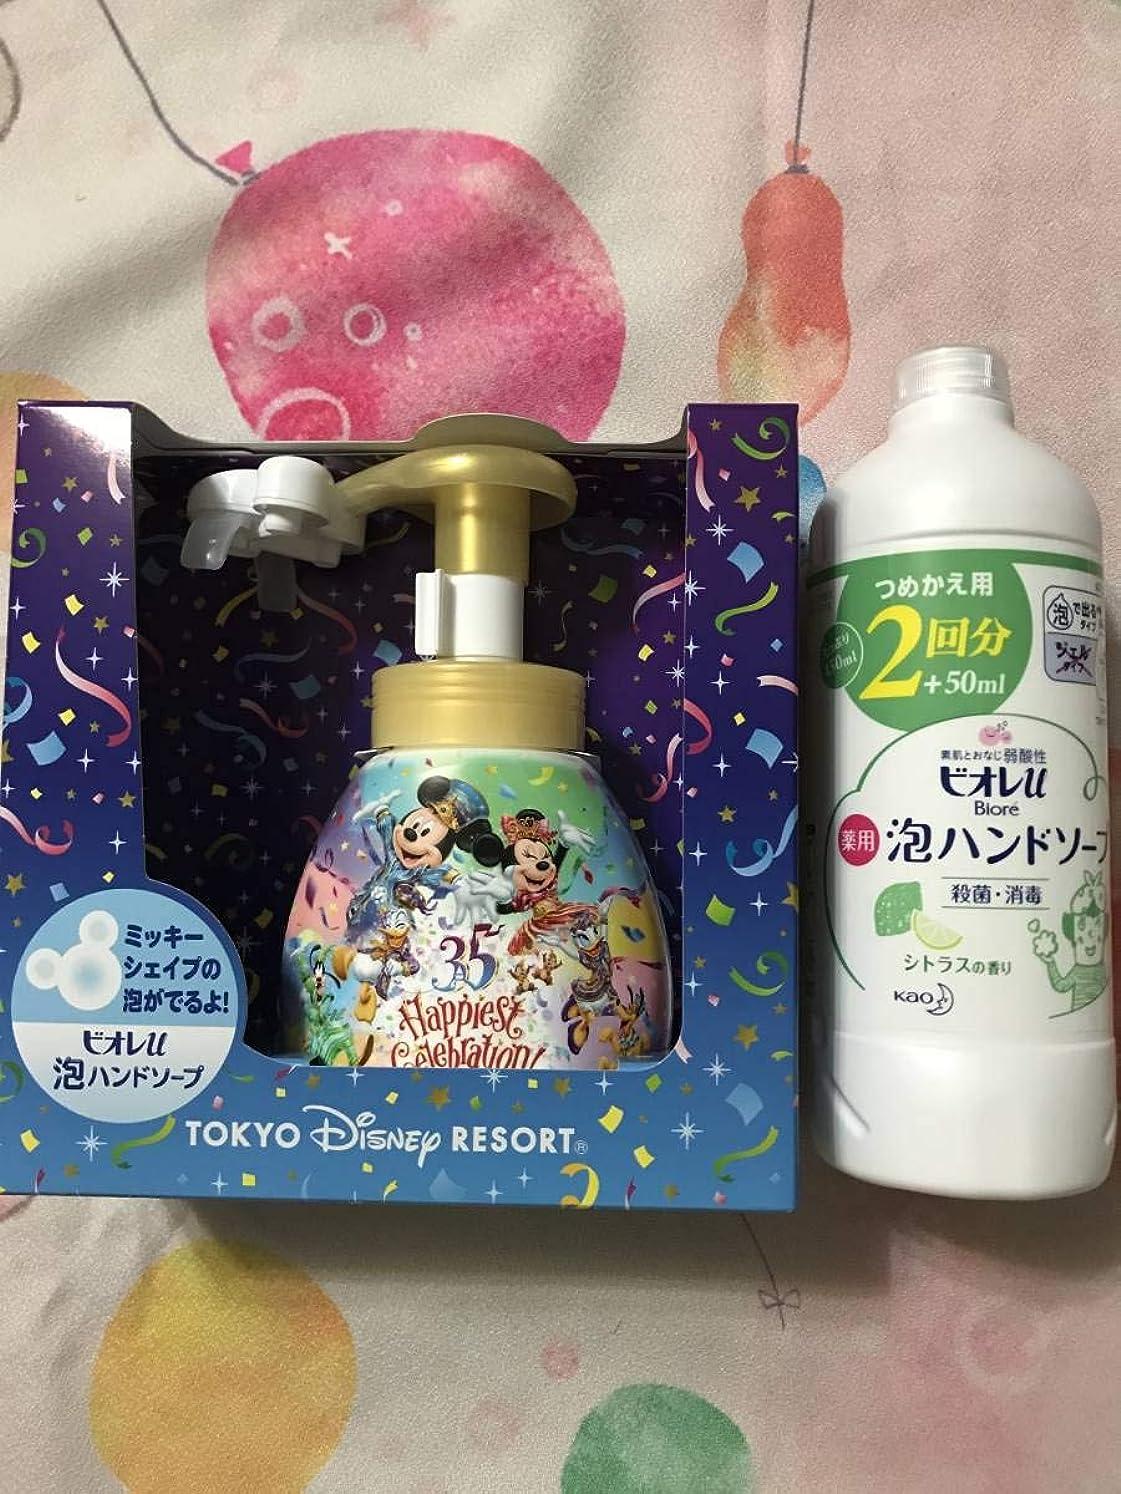 ボンド放置石油ミッキー シェイプ ハンドソープ 東京ディズニーリゾート 35周年 記念 石鹸 ビオレU 詰め替え シトラスの香り付き